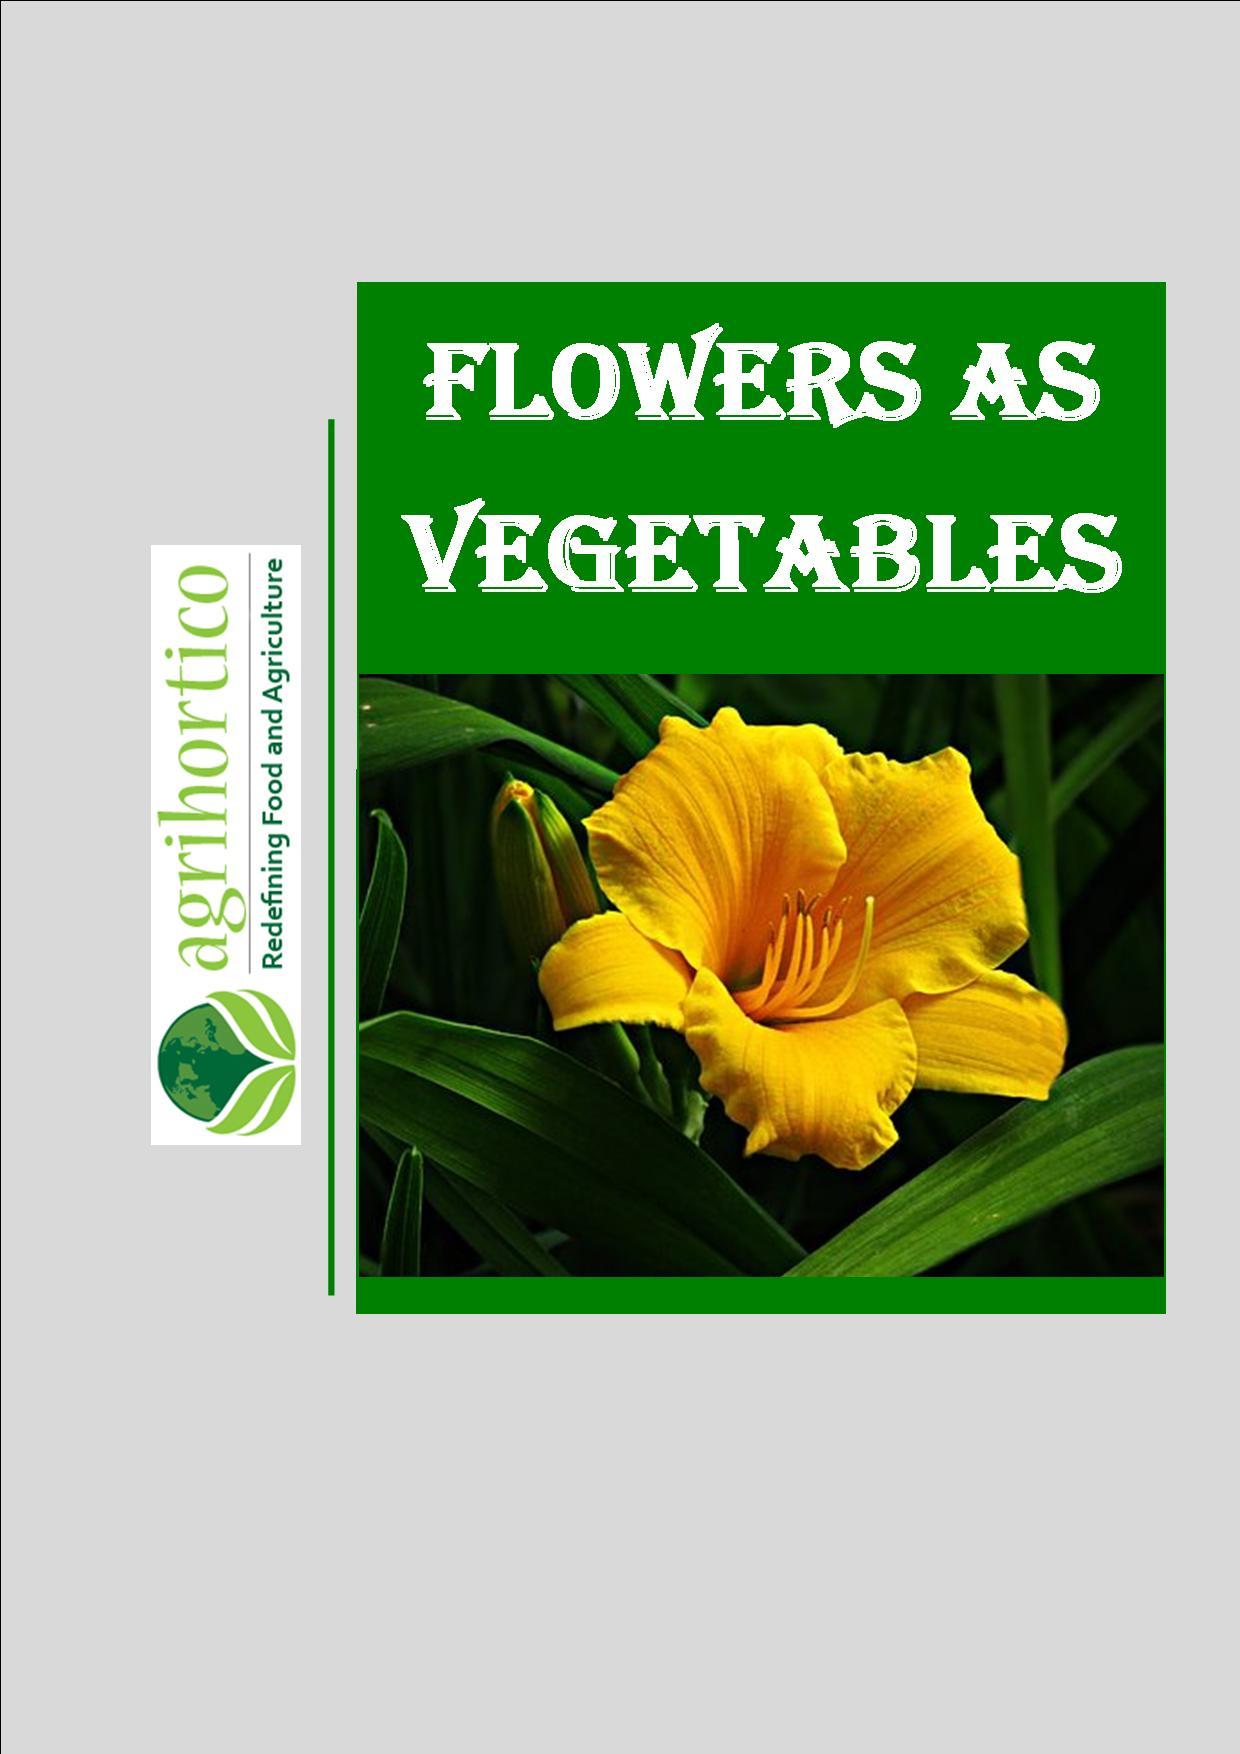 flowers-as-vegetables